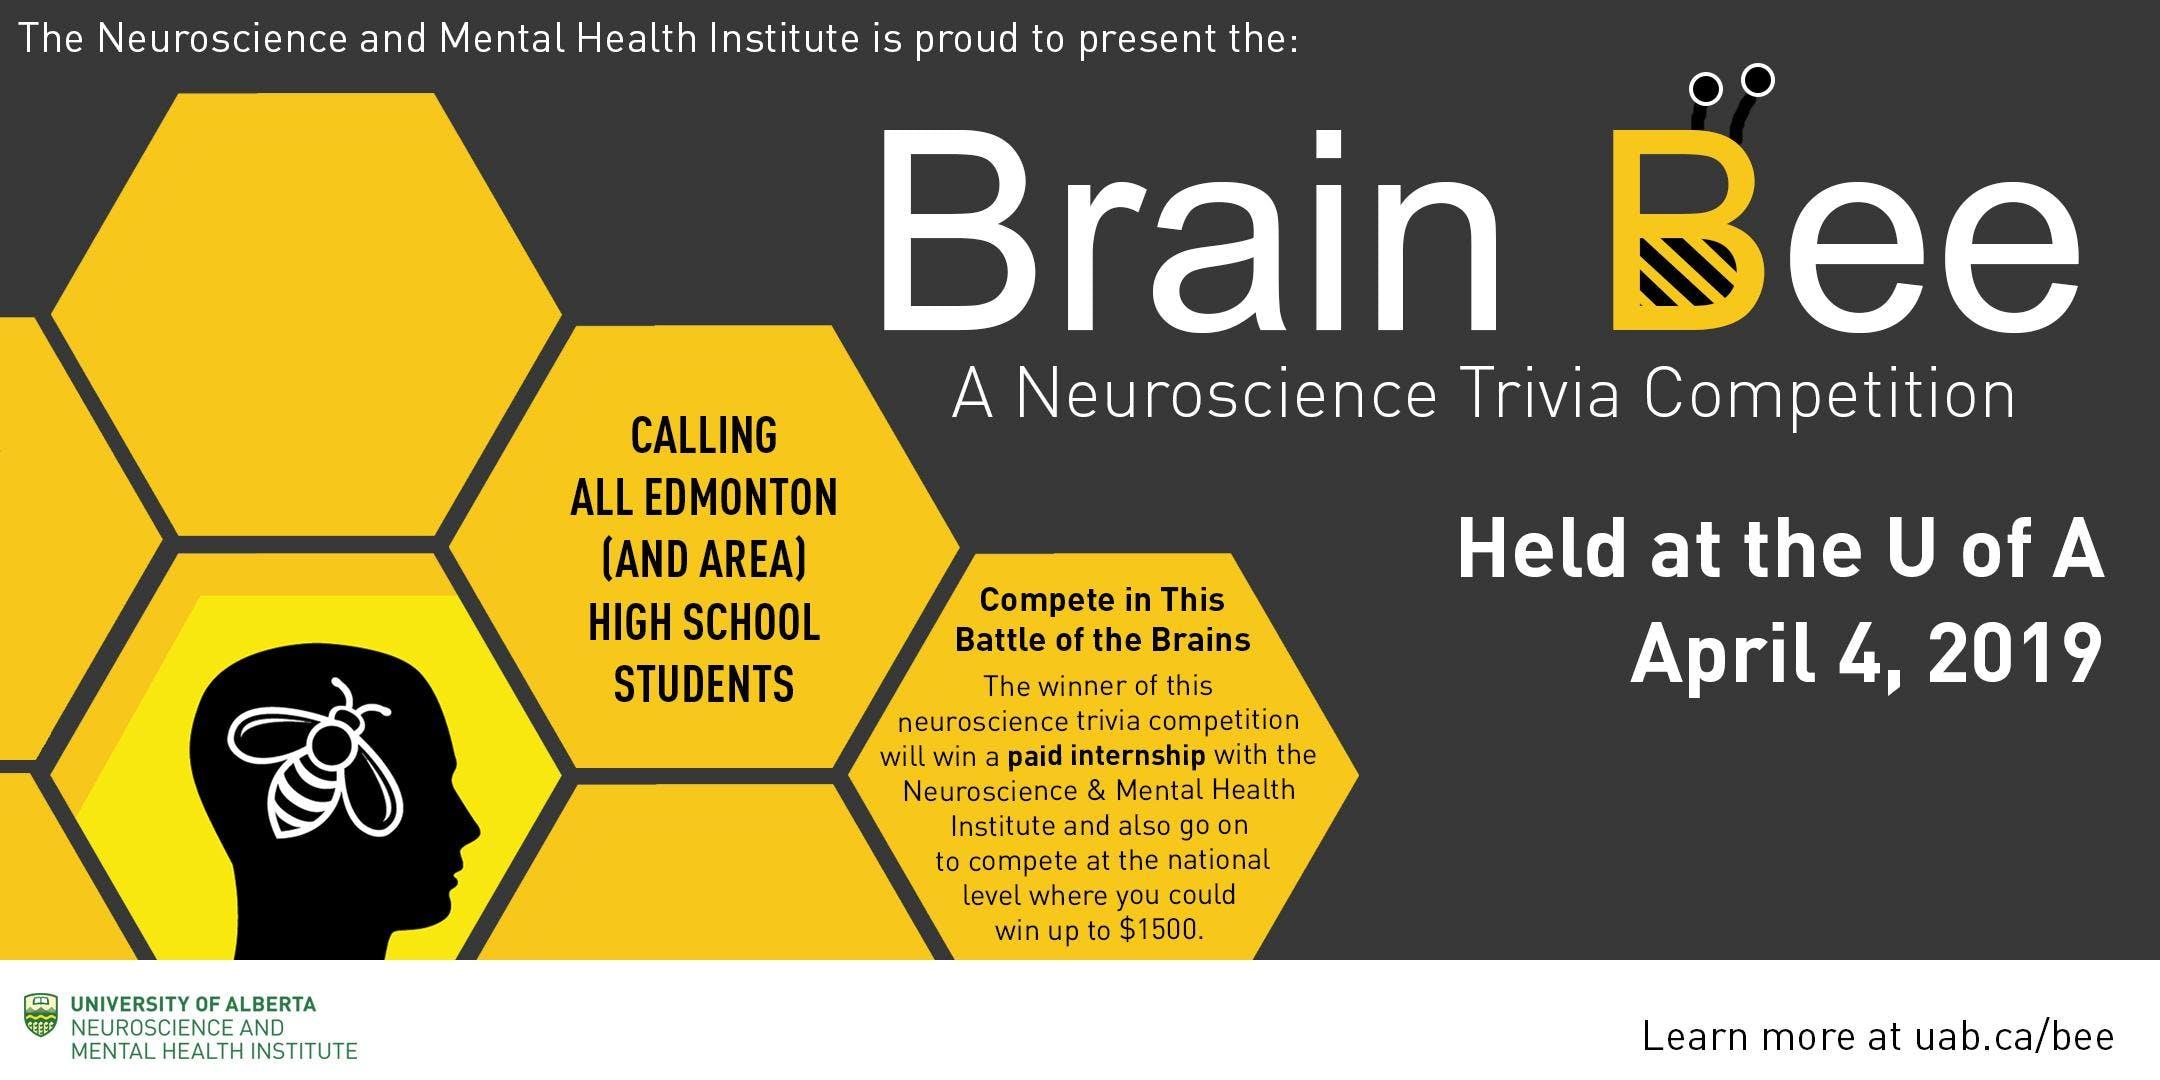 Edmonton Brain Bee 2019